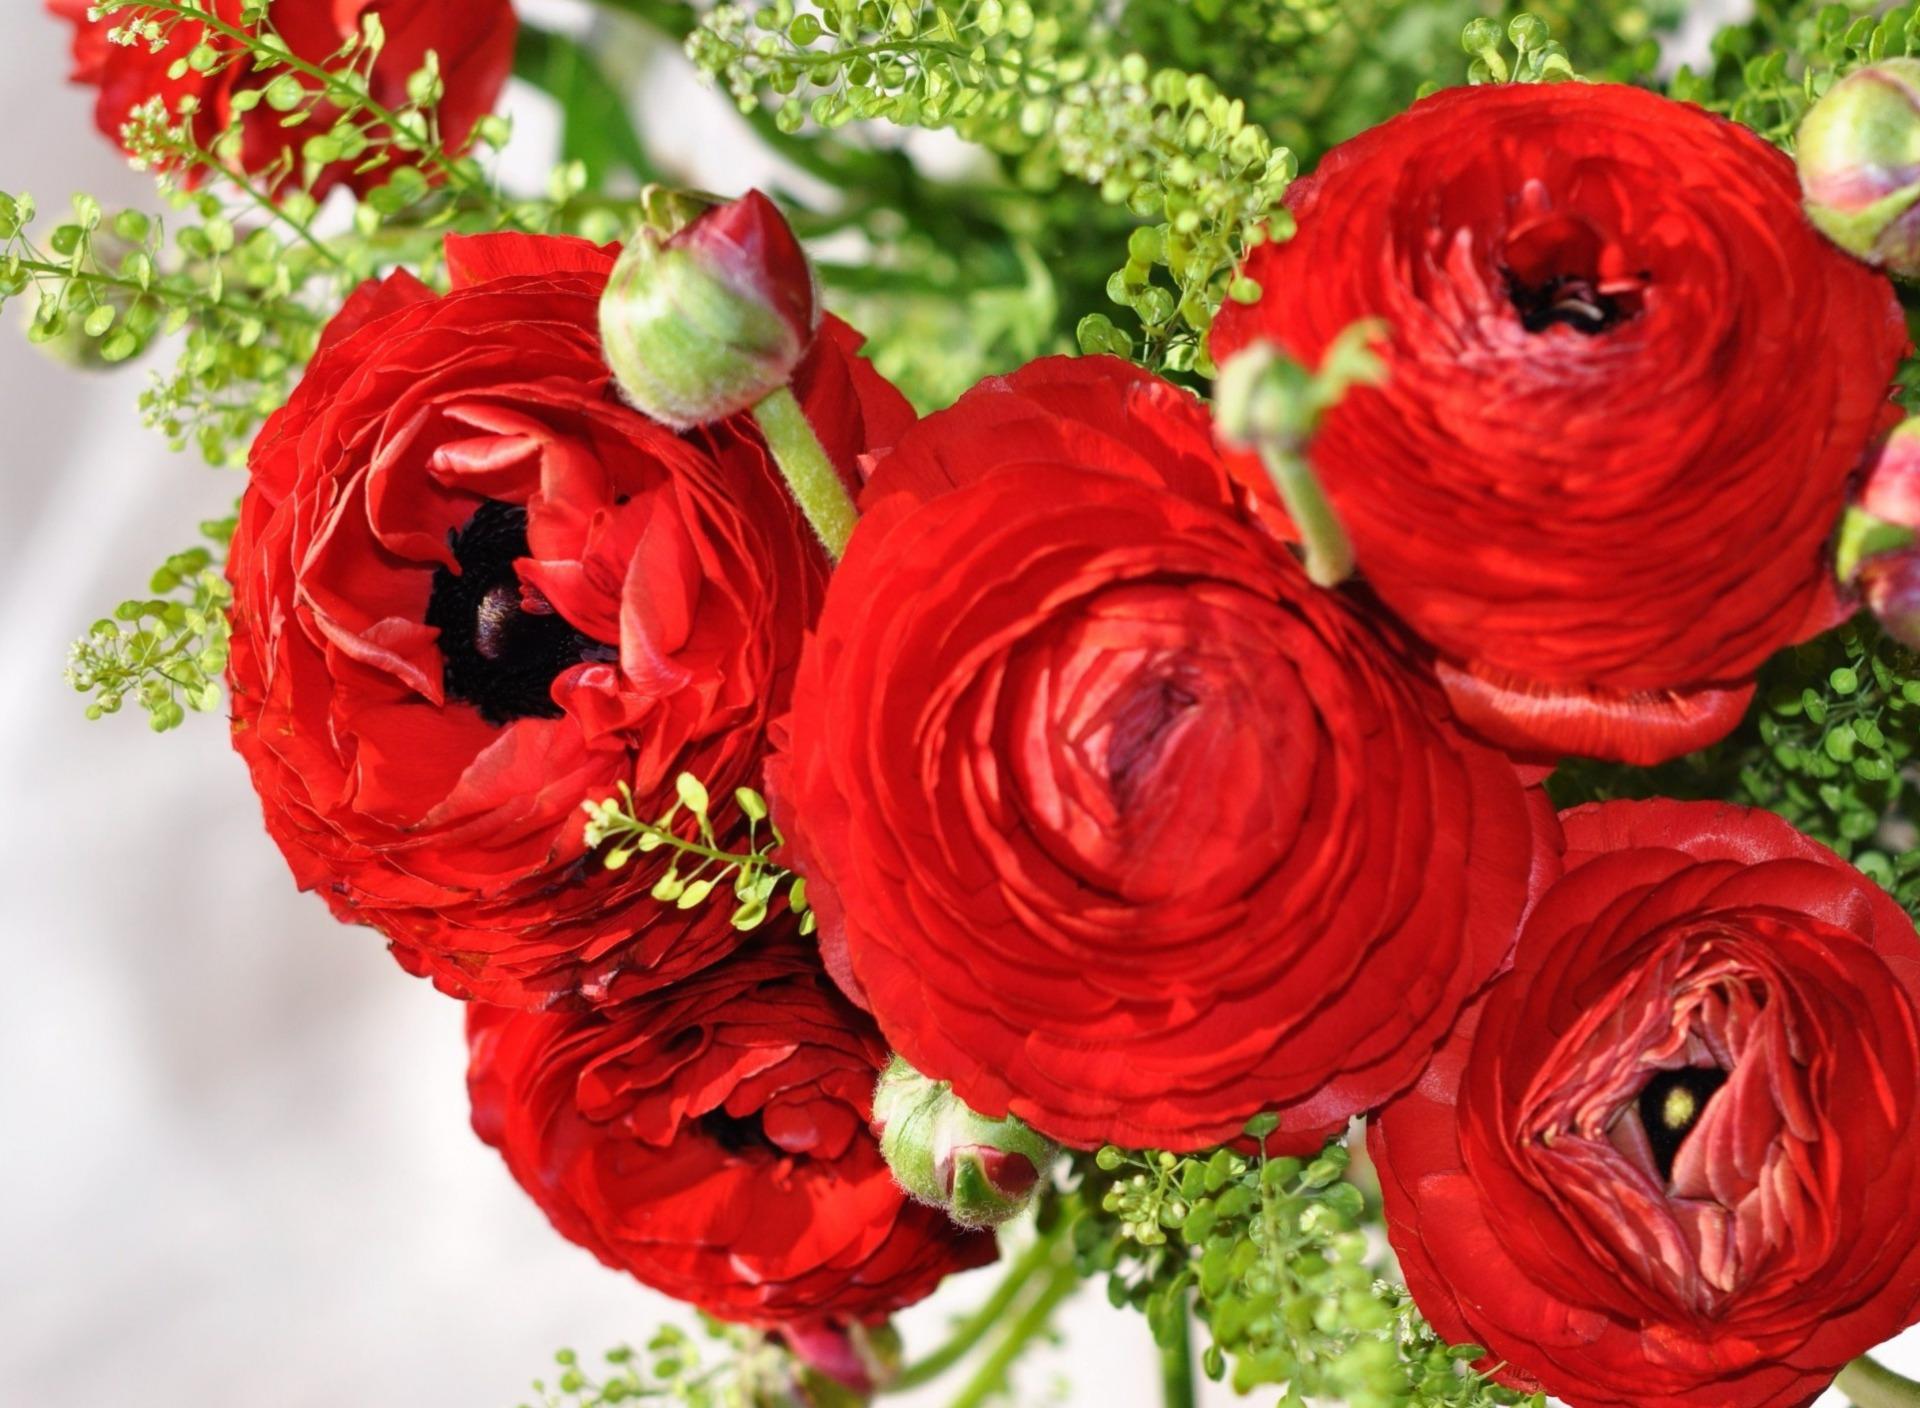 емельяненко боец картинки на рабочий стол цветы лютики удалось запечатлеть такие